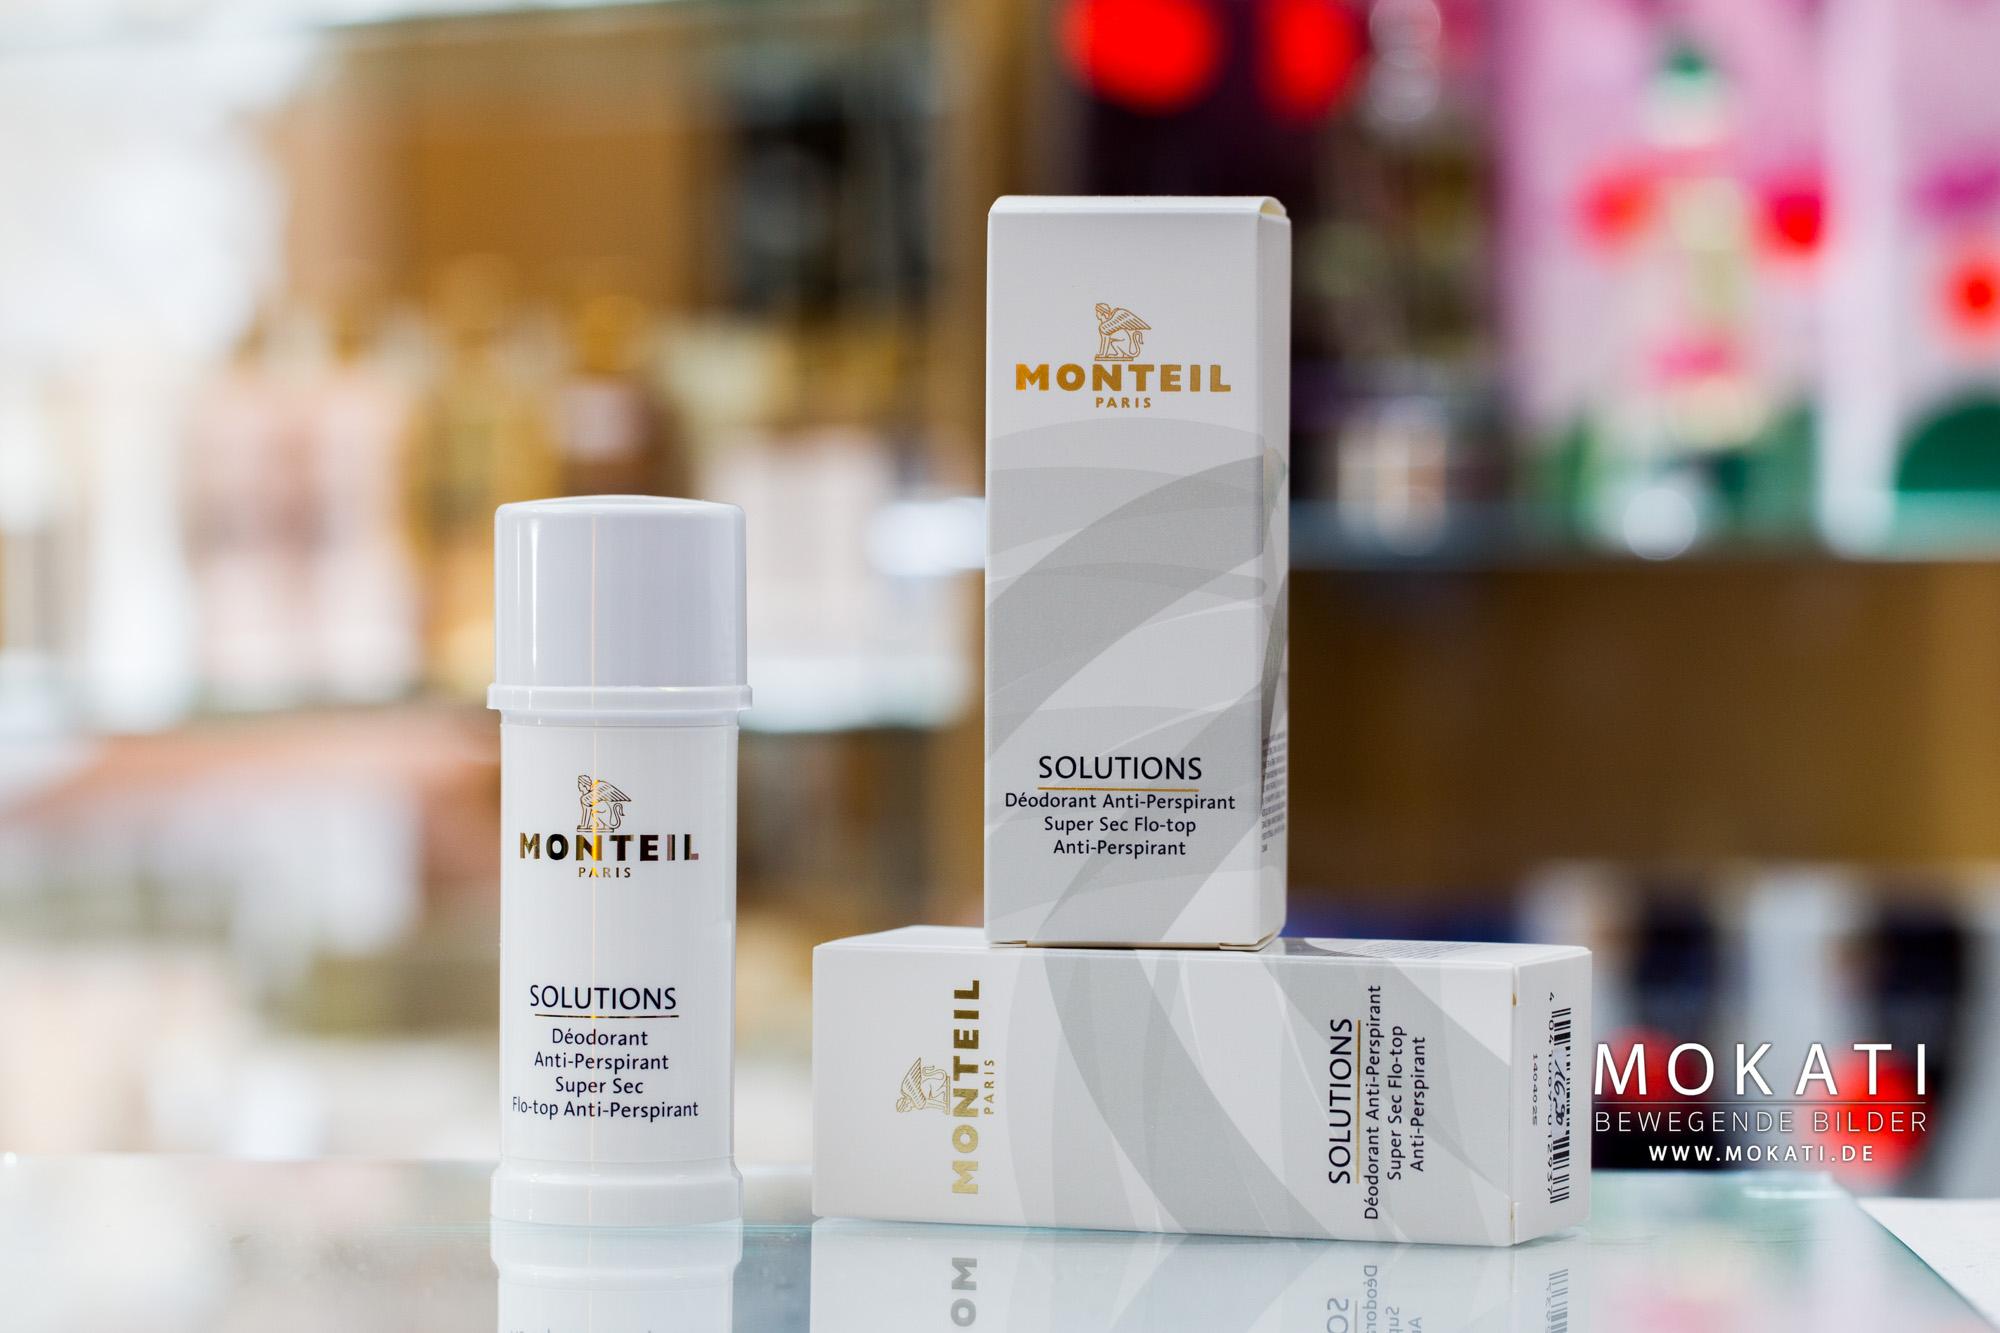 Bei Redröh Kosmetikstudio: Das hochwirksame Antitranspirant schützt stundenlang zuverlässig vor Körpergeruch und Schweißflecken